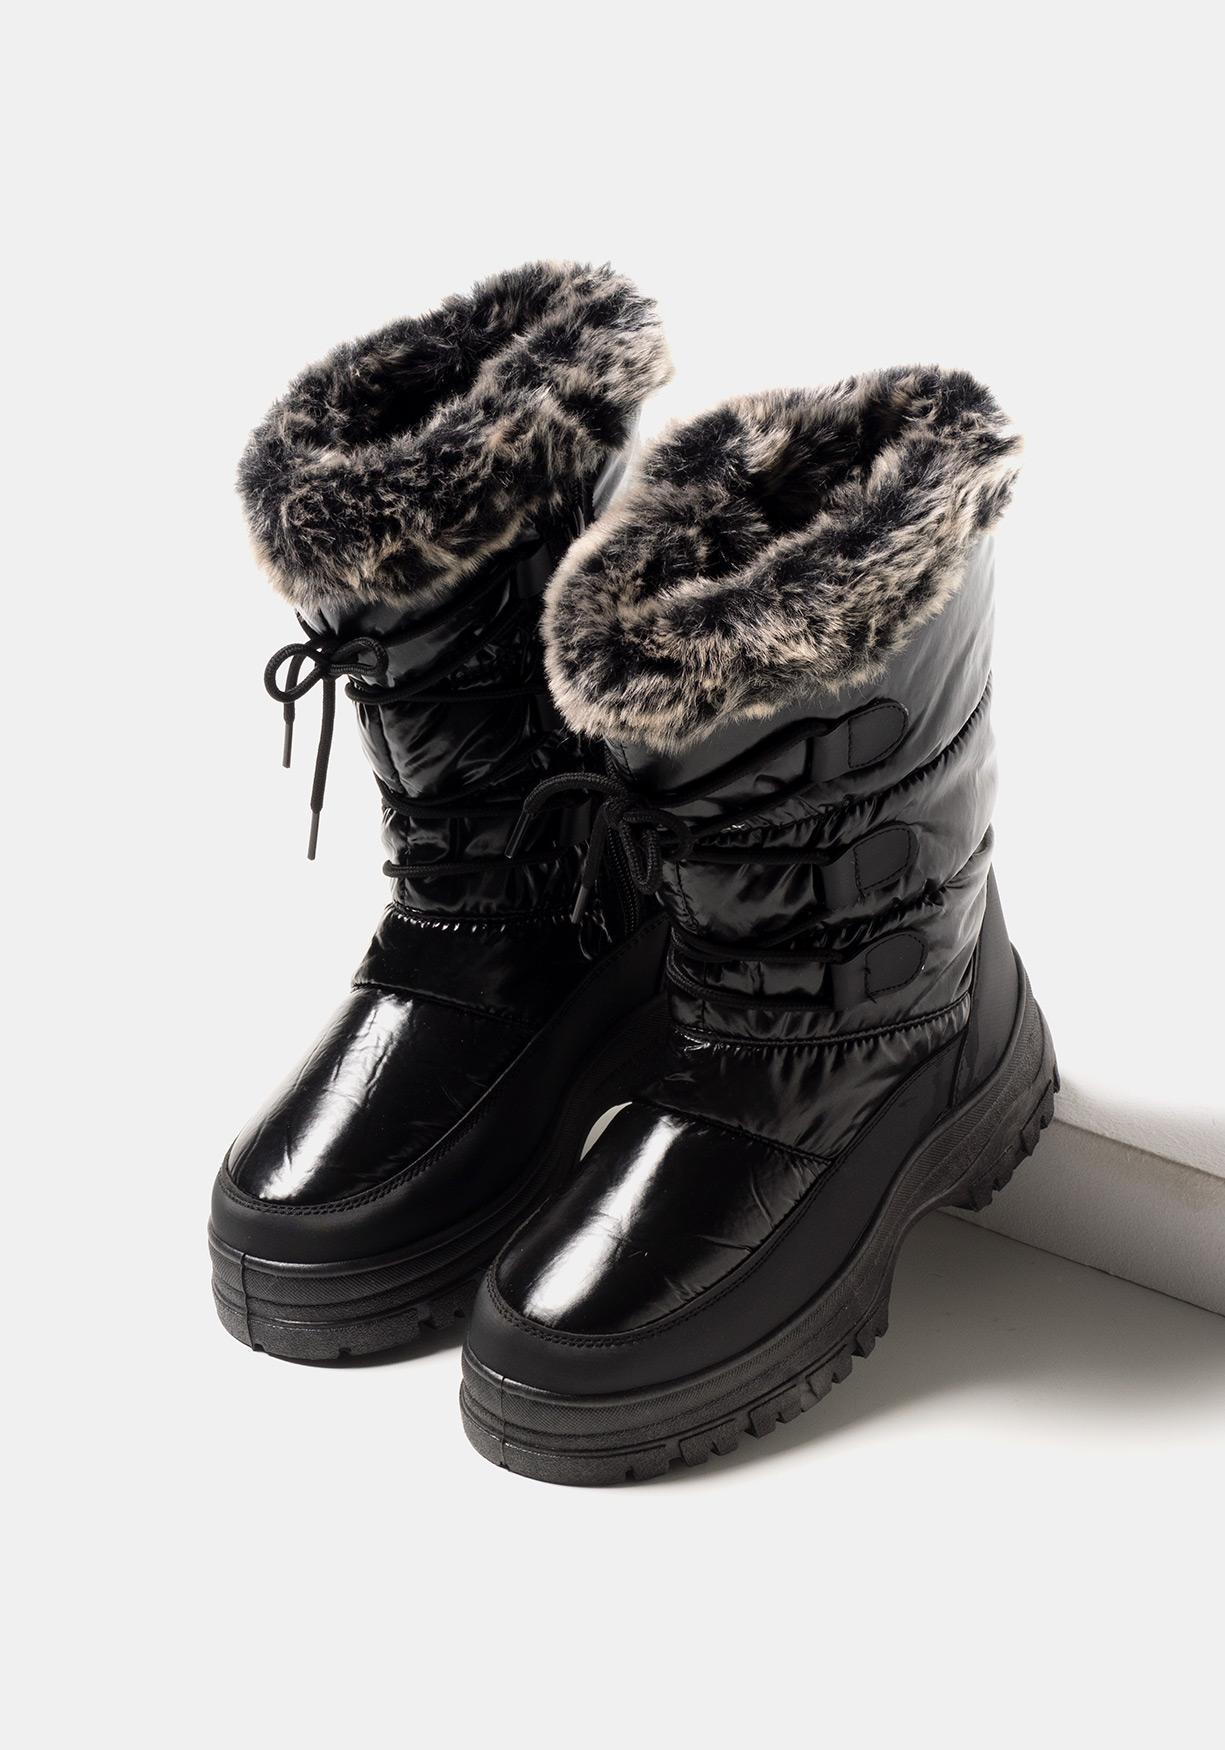 Boutique en ligne bf1f3 35294 Comprar Botas de nieve con pelito TEX. ¡Aprovéchate de ...